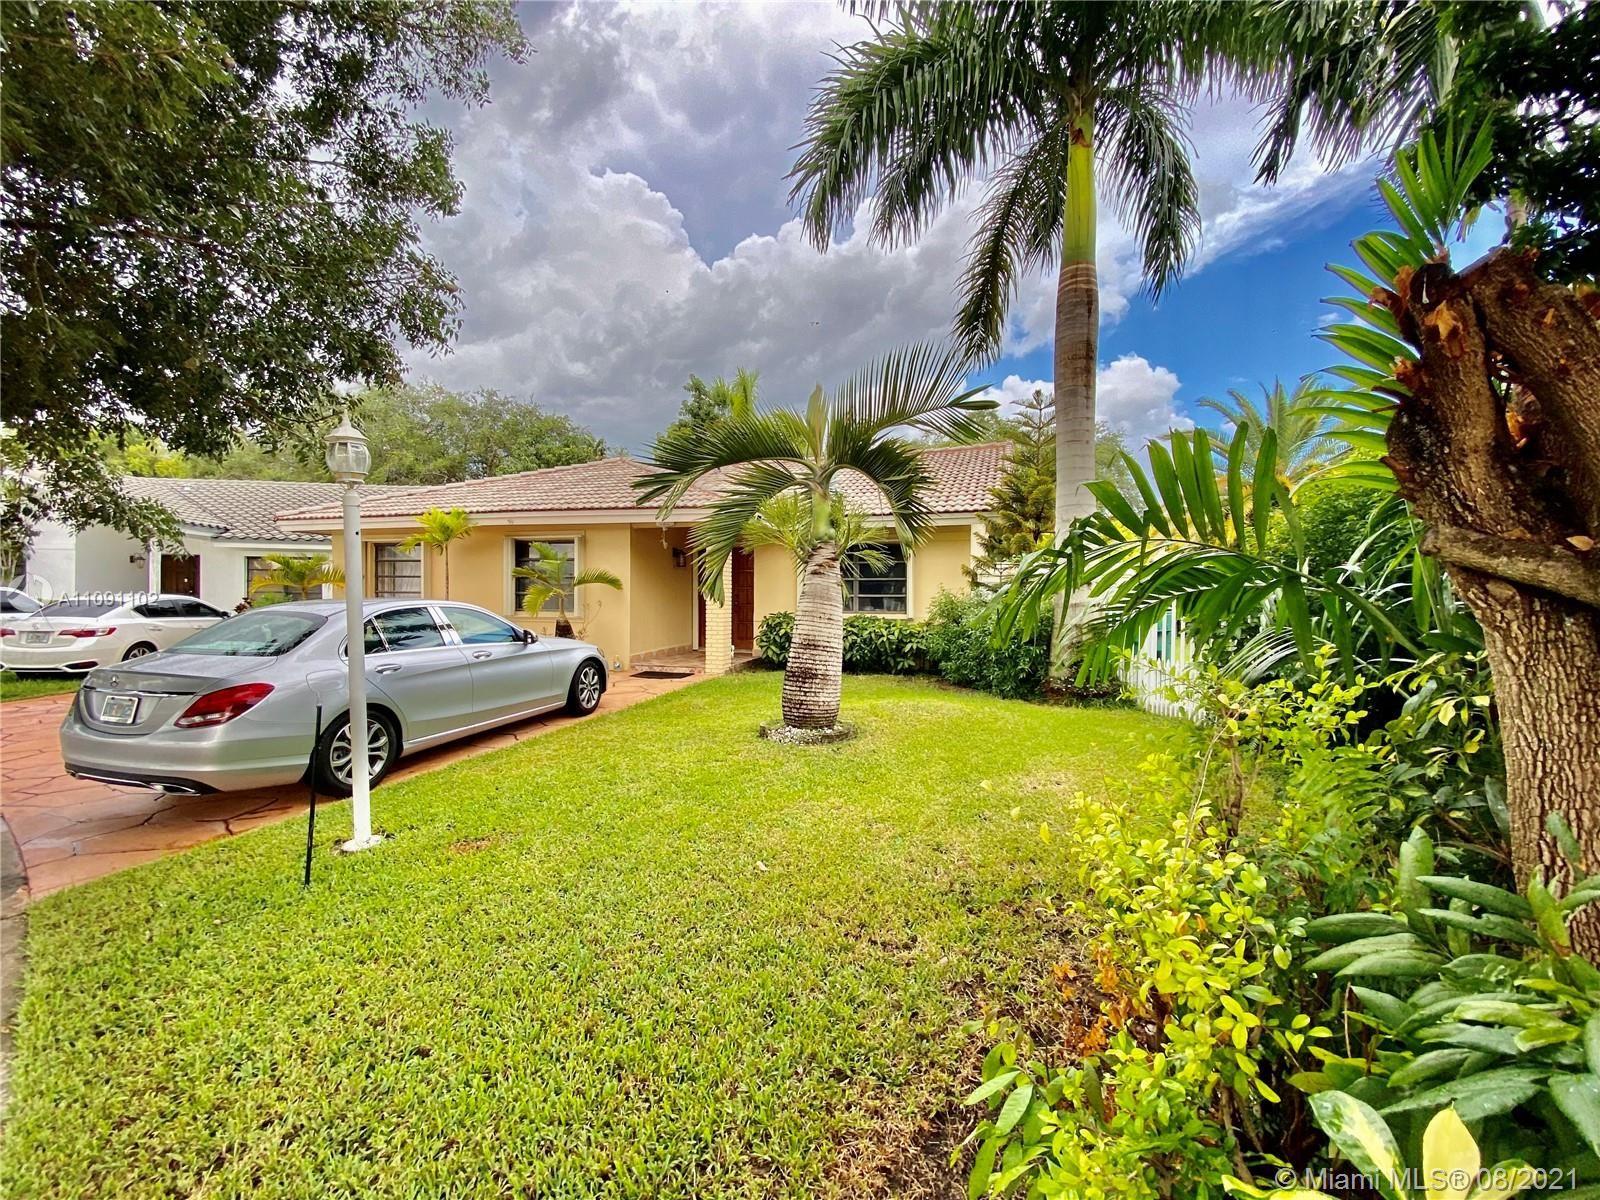 14440 SW 96th Ter, Miami, FL 33186 - #: A11091102